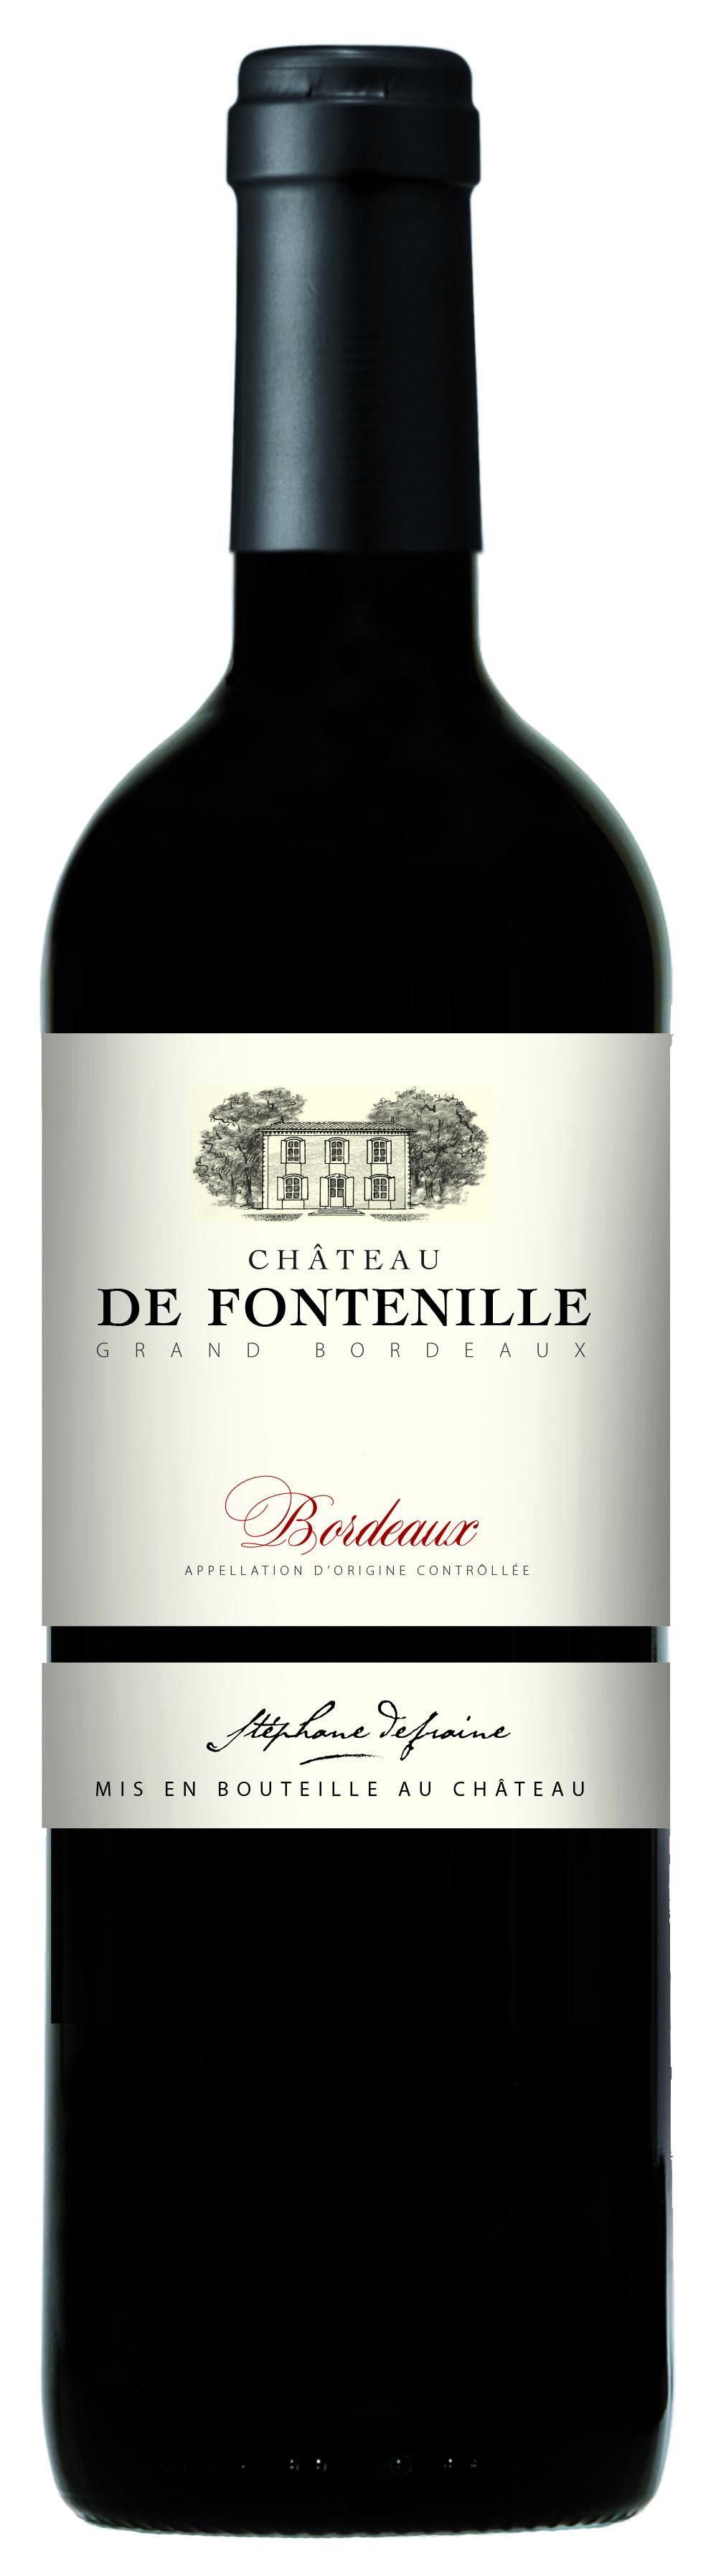 Château de Fontenille, Bordeaux Rouge 2015